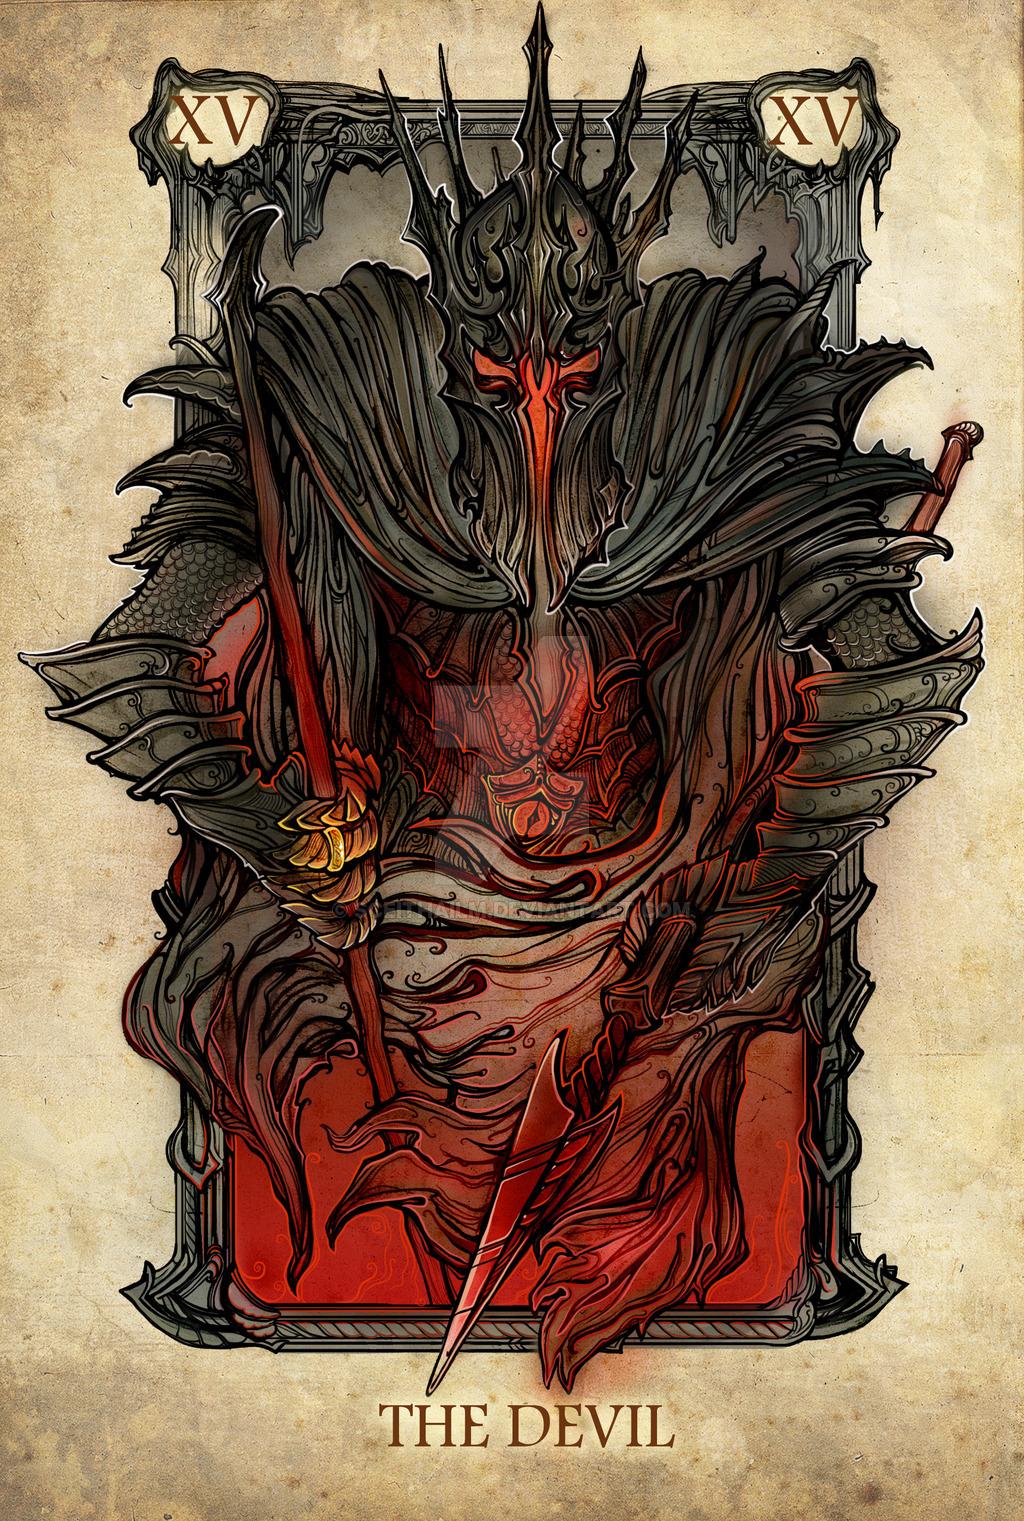 bài tarot cung hoàng đạo ma kết